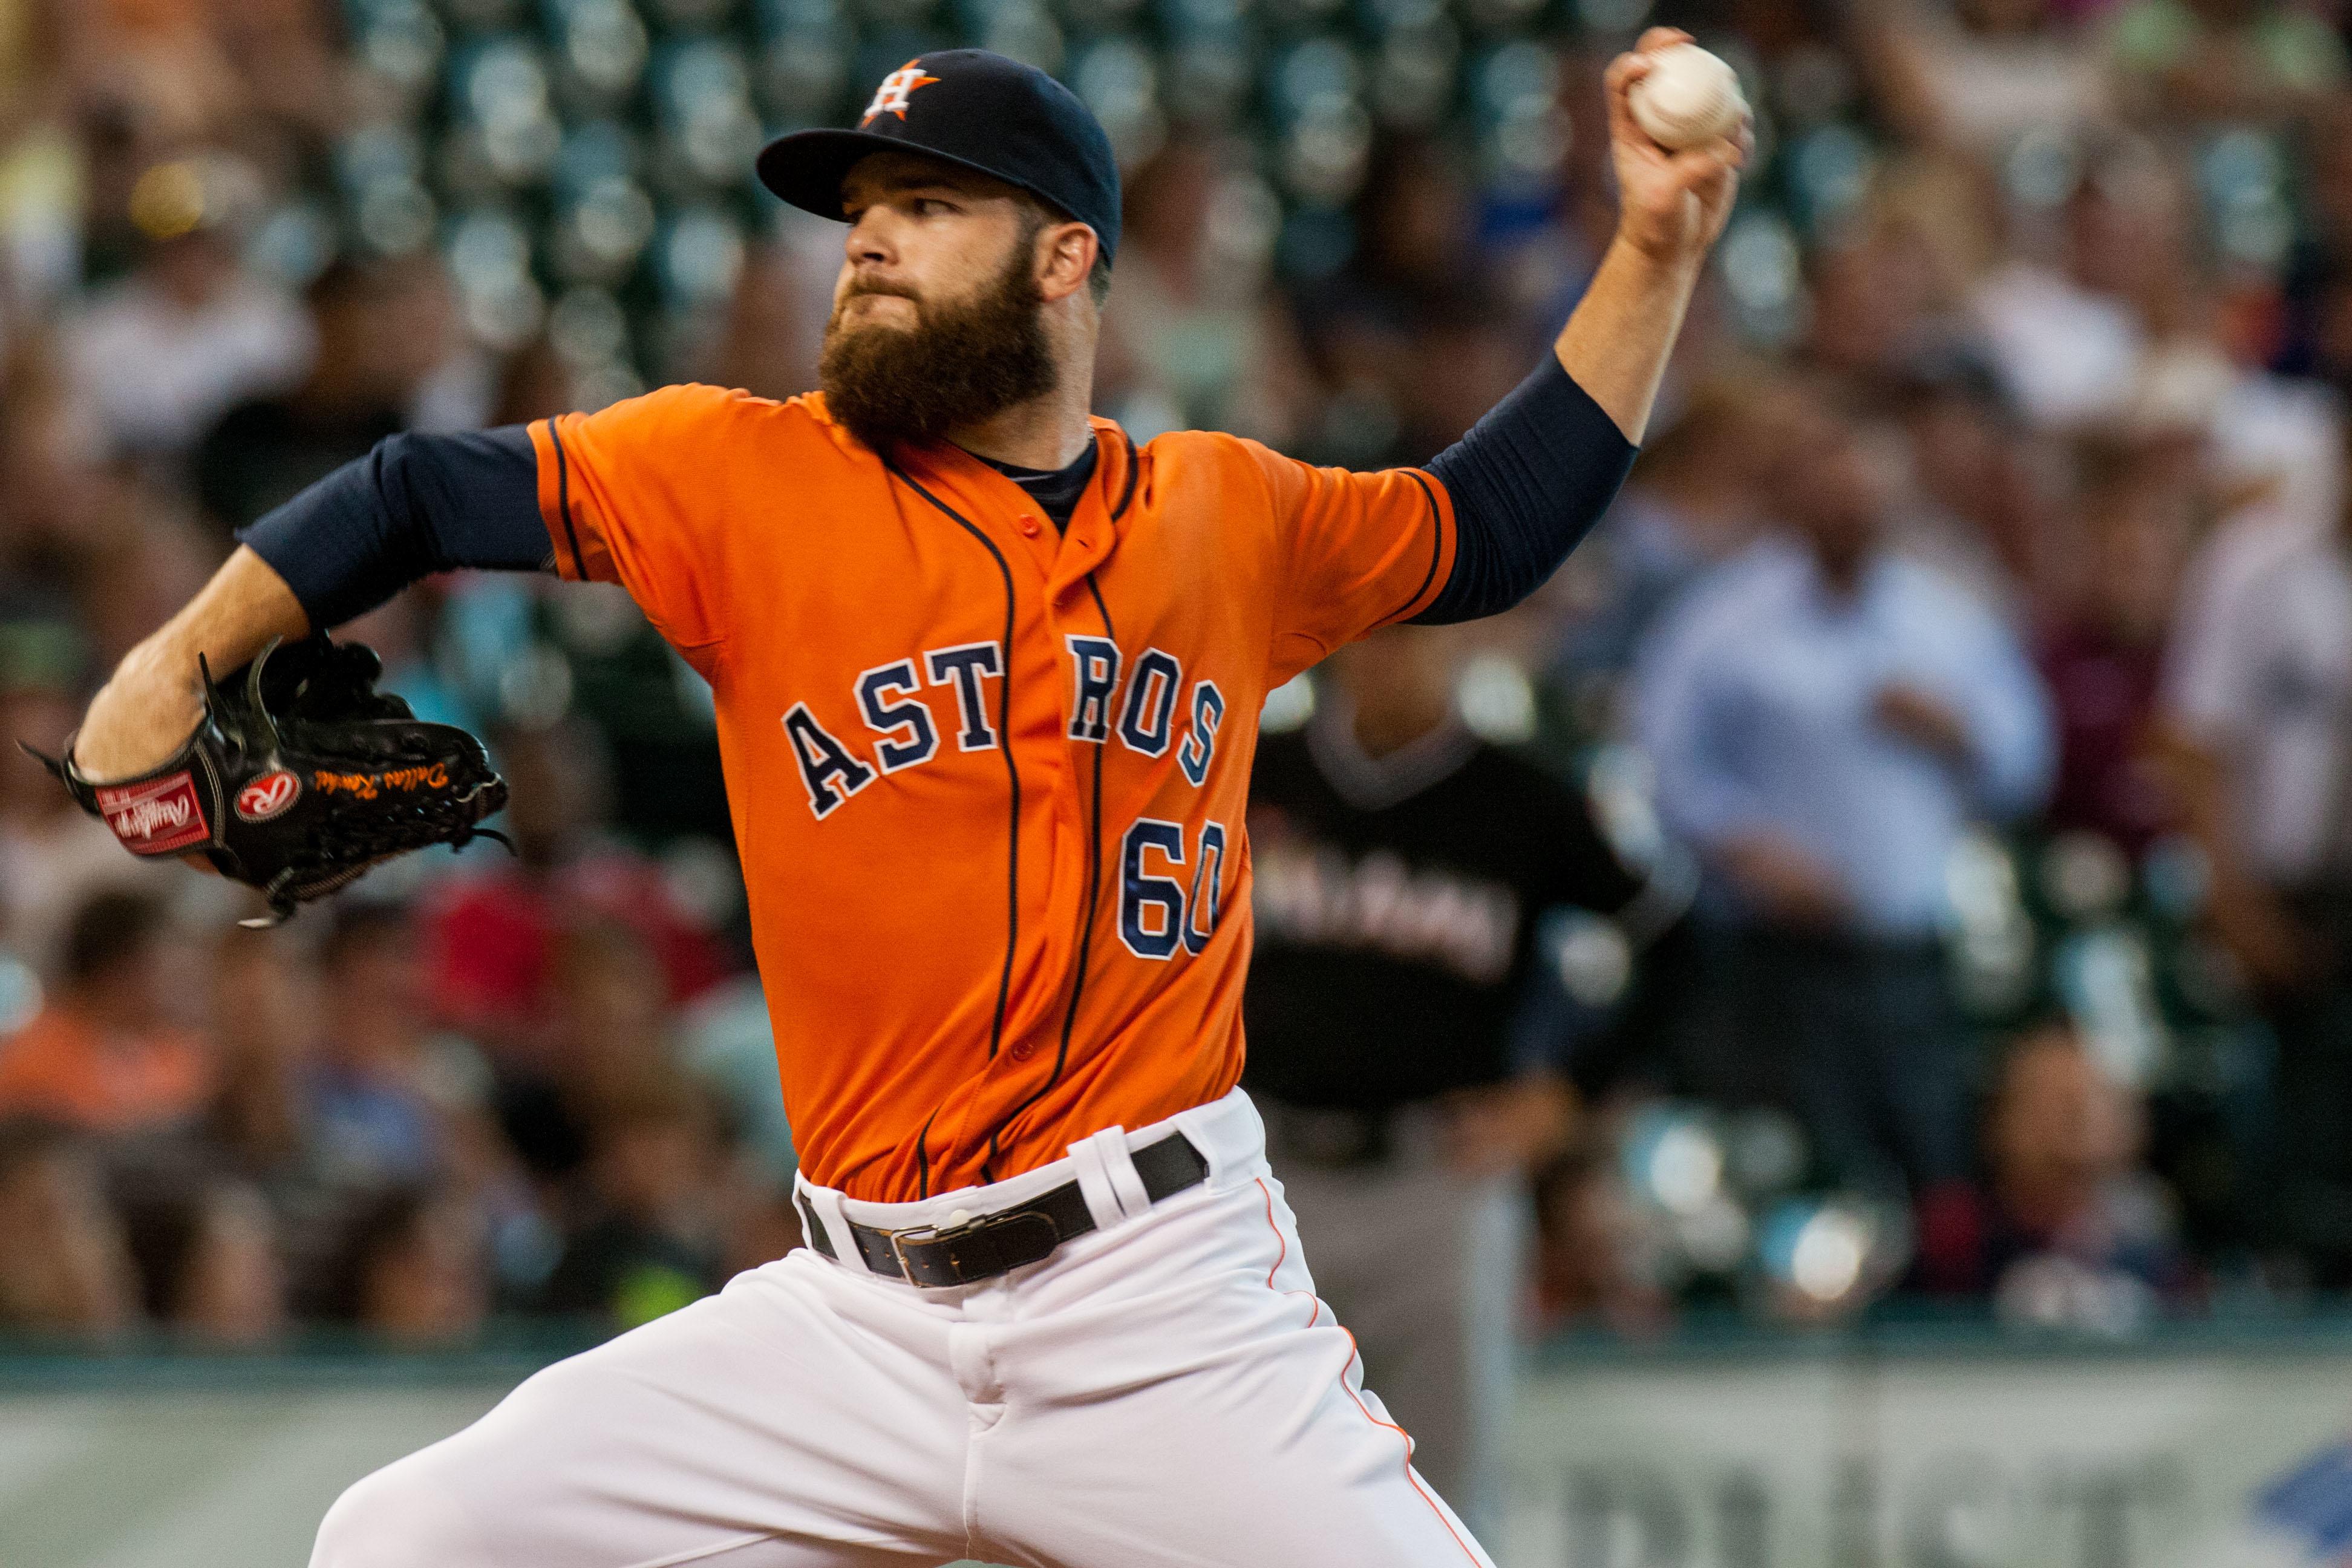 MLB: JUL 25 Marlins at Astros